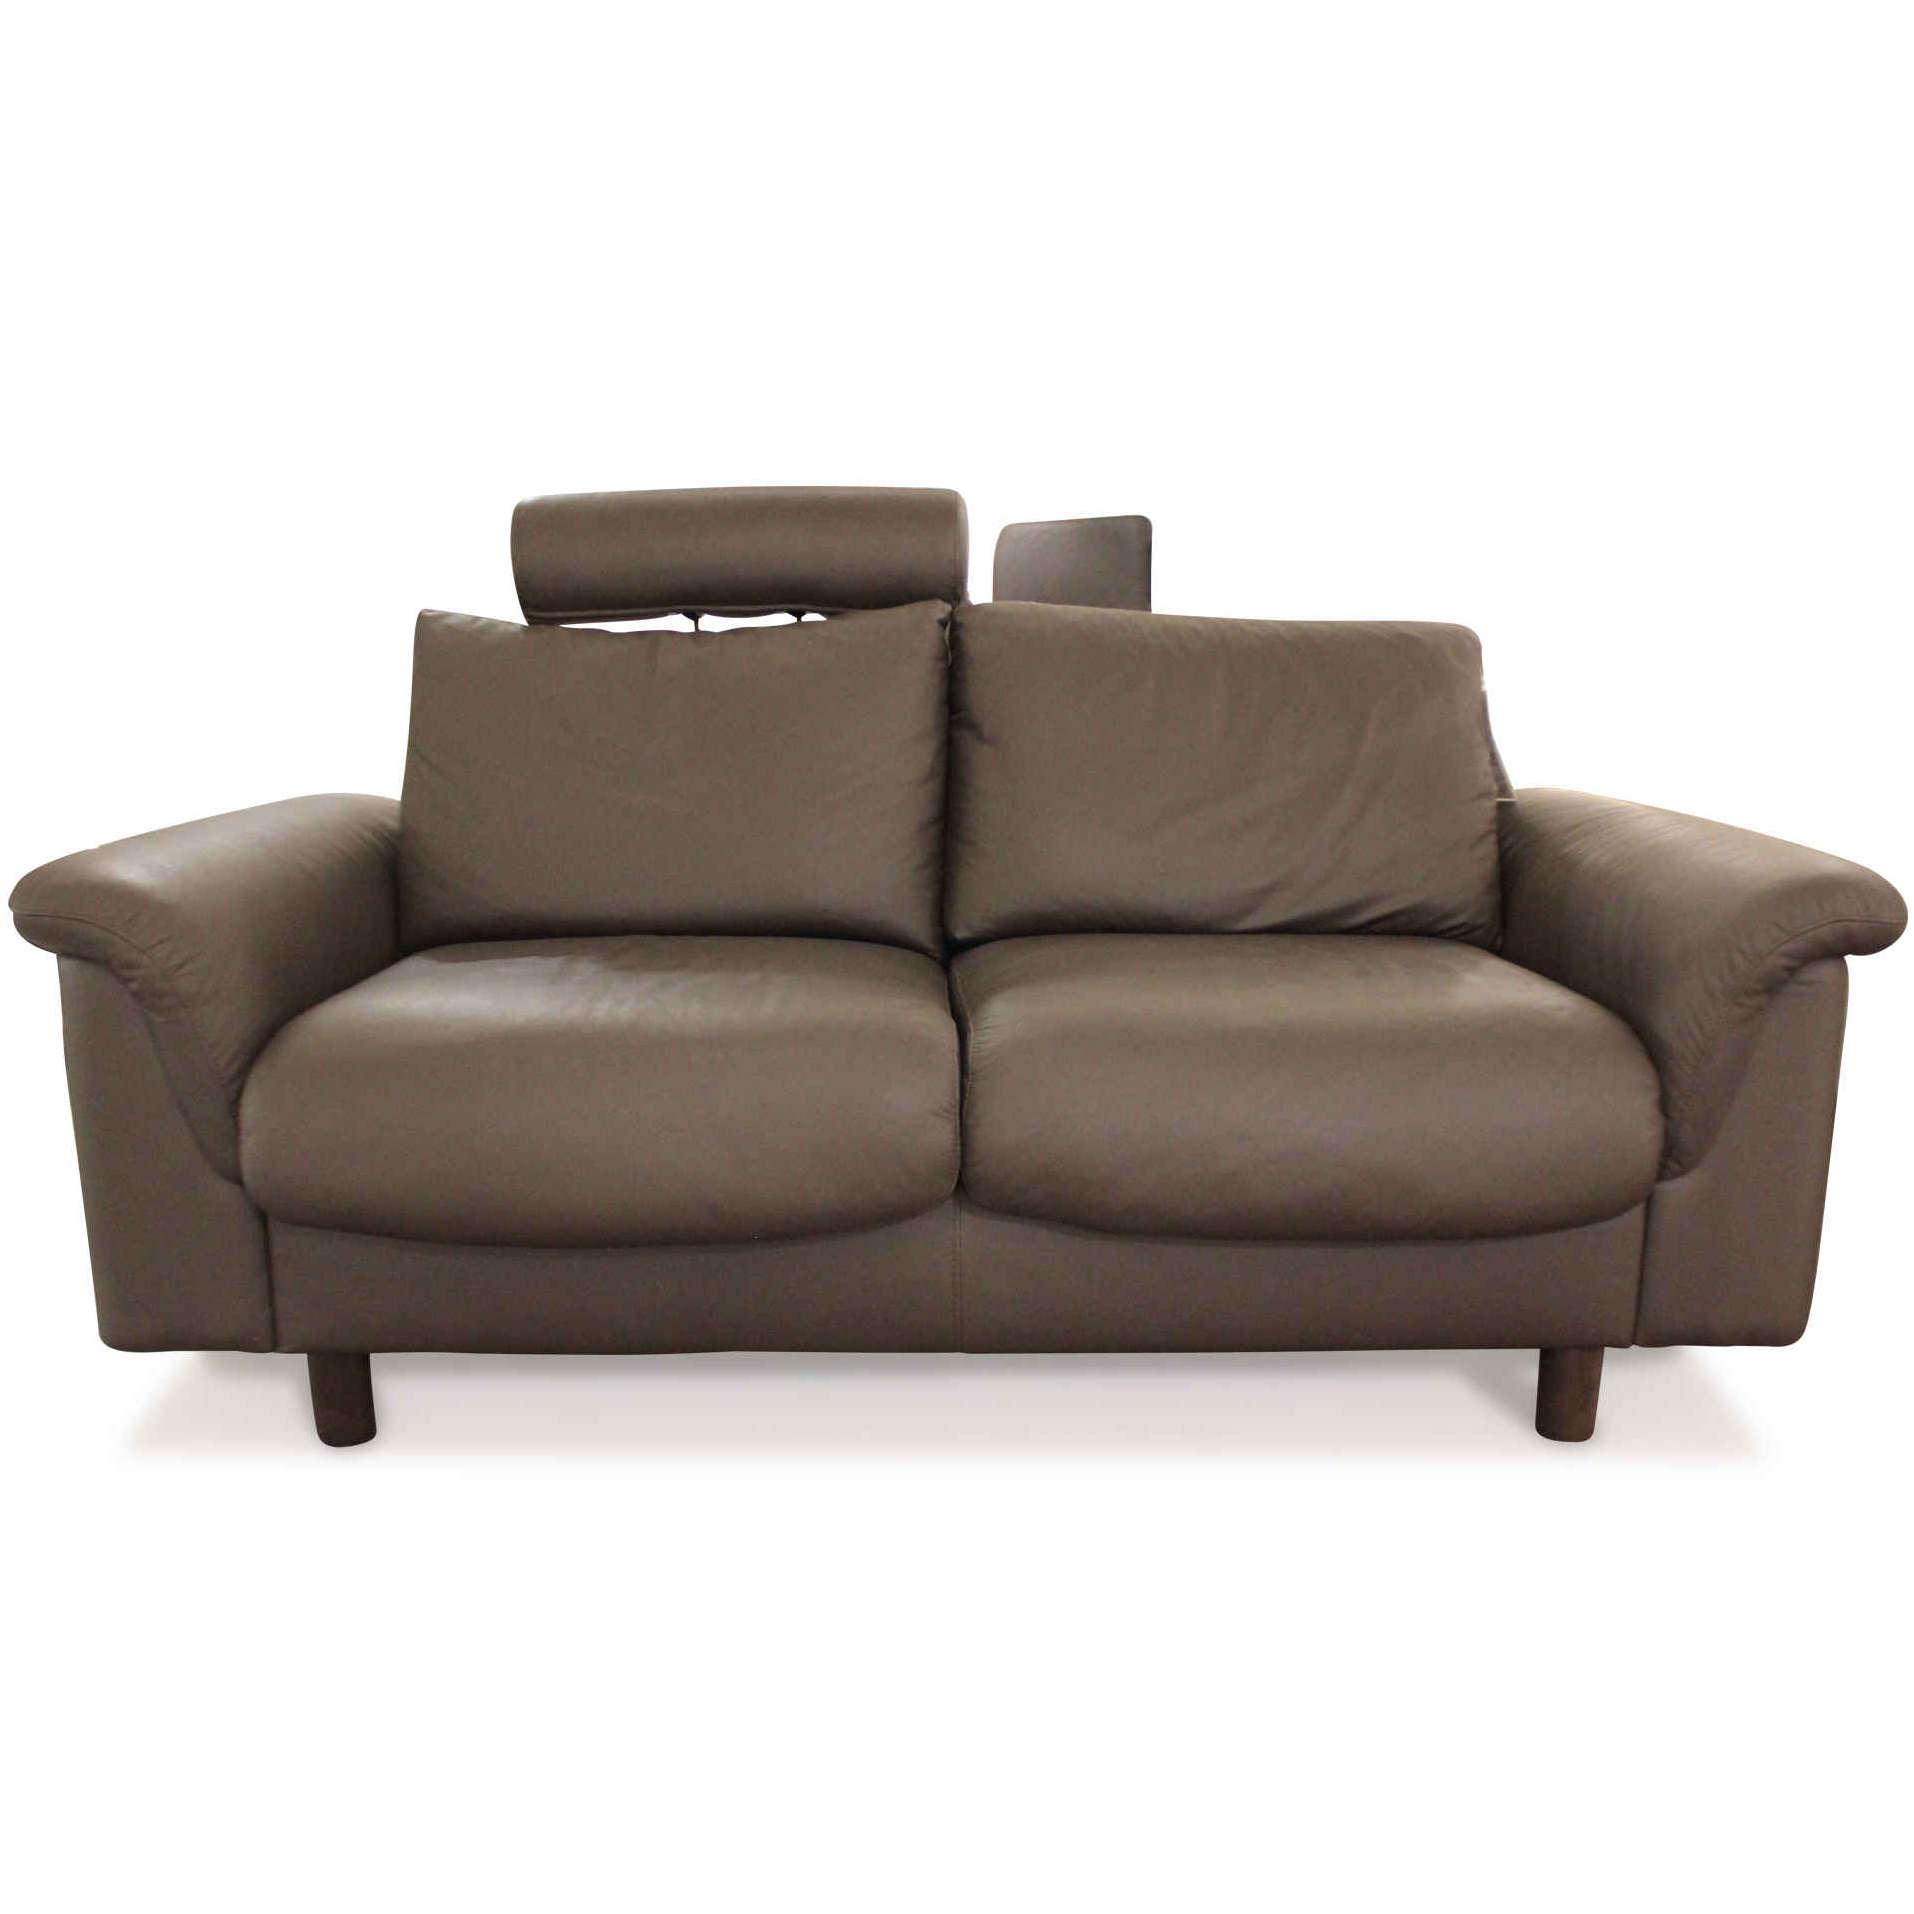 stressless designer sofa e300 in mocca braun leder holz. Black Bedroom Furniture Sets. Home Design Ideas